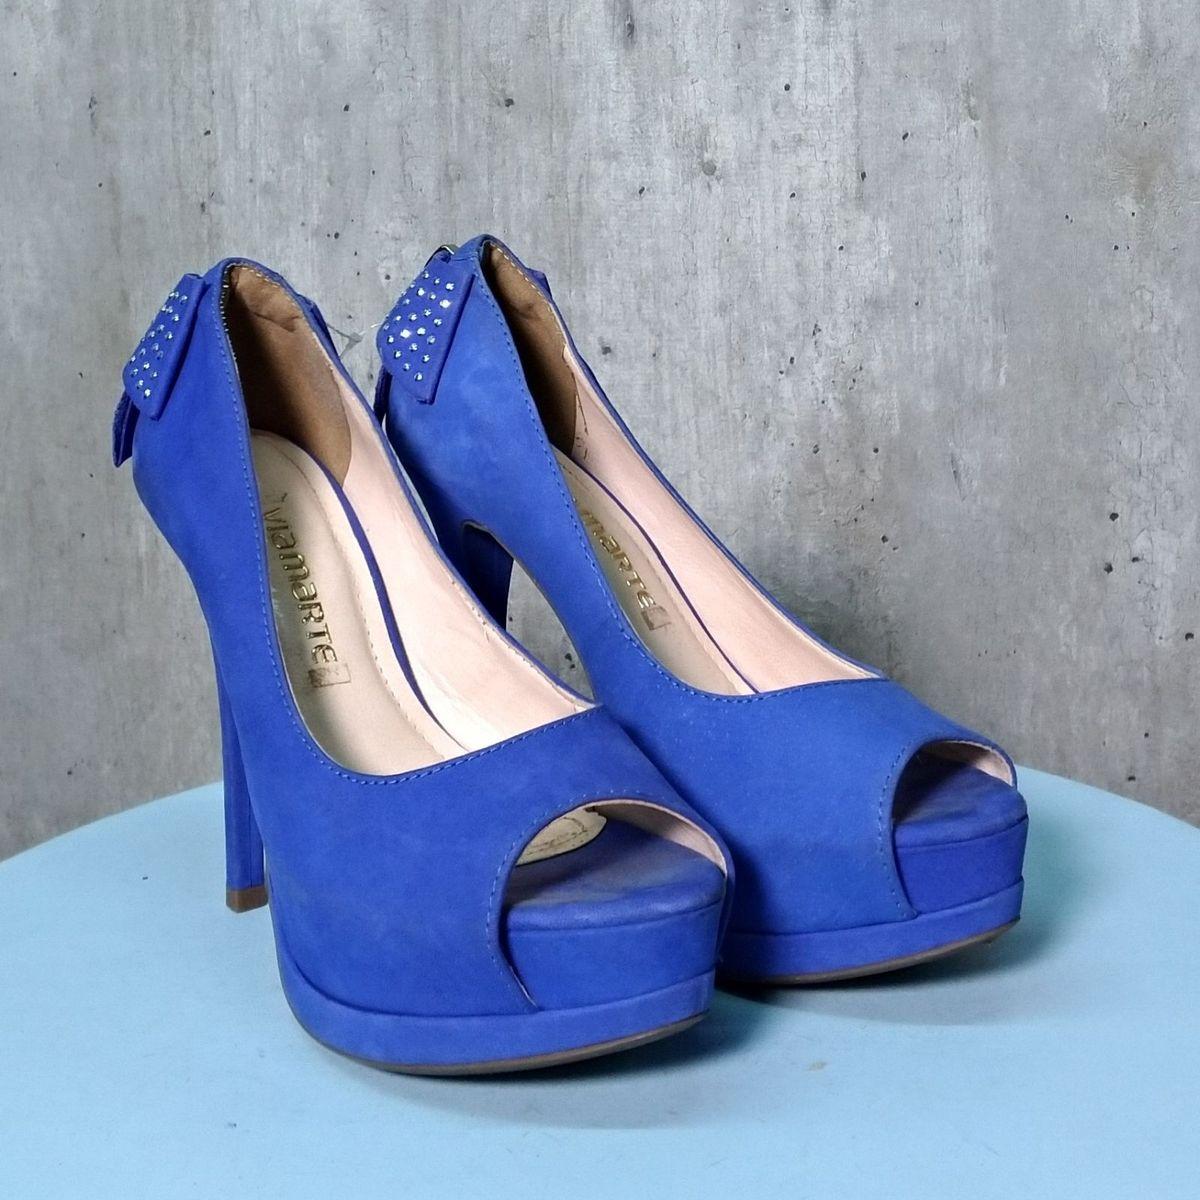 7de625f6d6 Sapato Azul Royal de Salto Alto